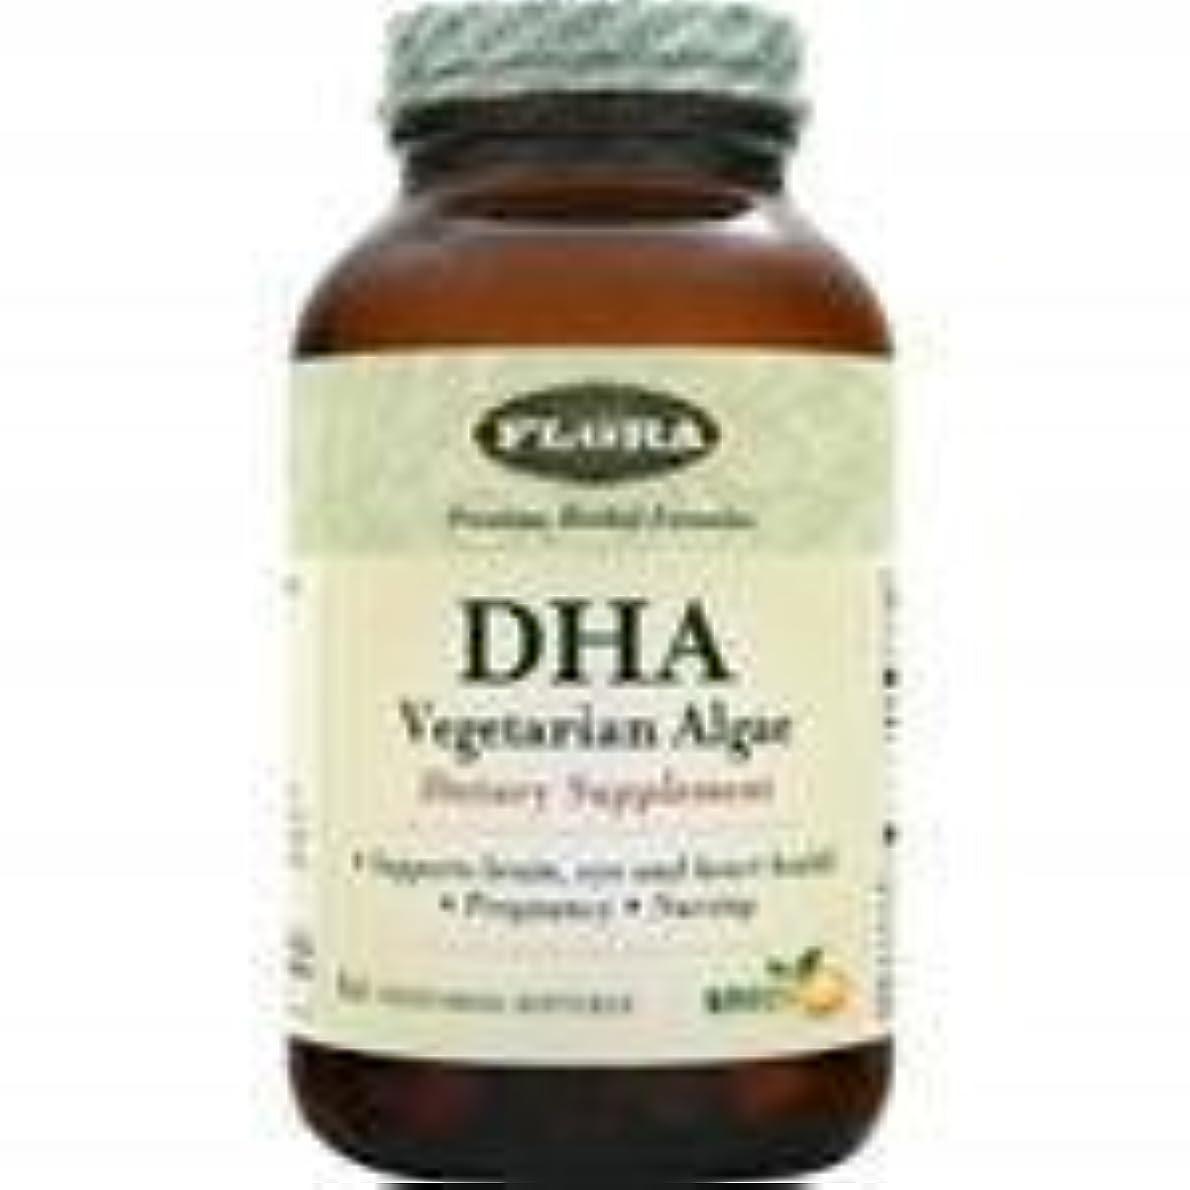 ジェーンオースティン用心深い識別するDHA - ベジタリアン藻類 60 ソフトジェル 2個パック